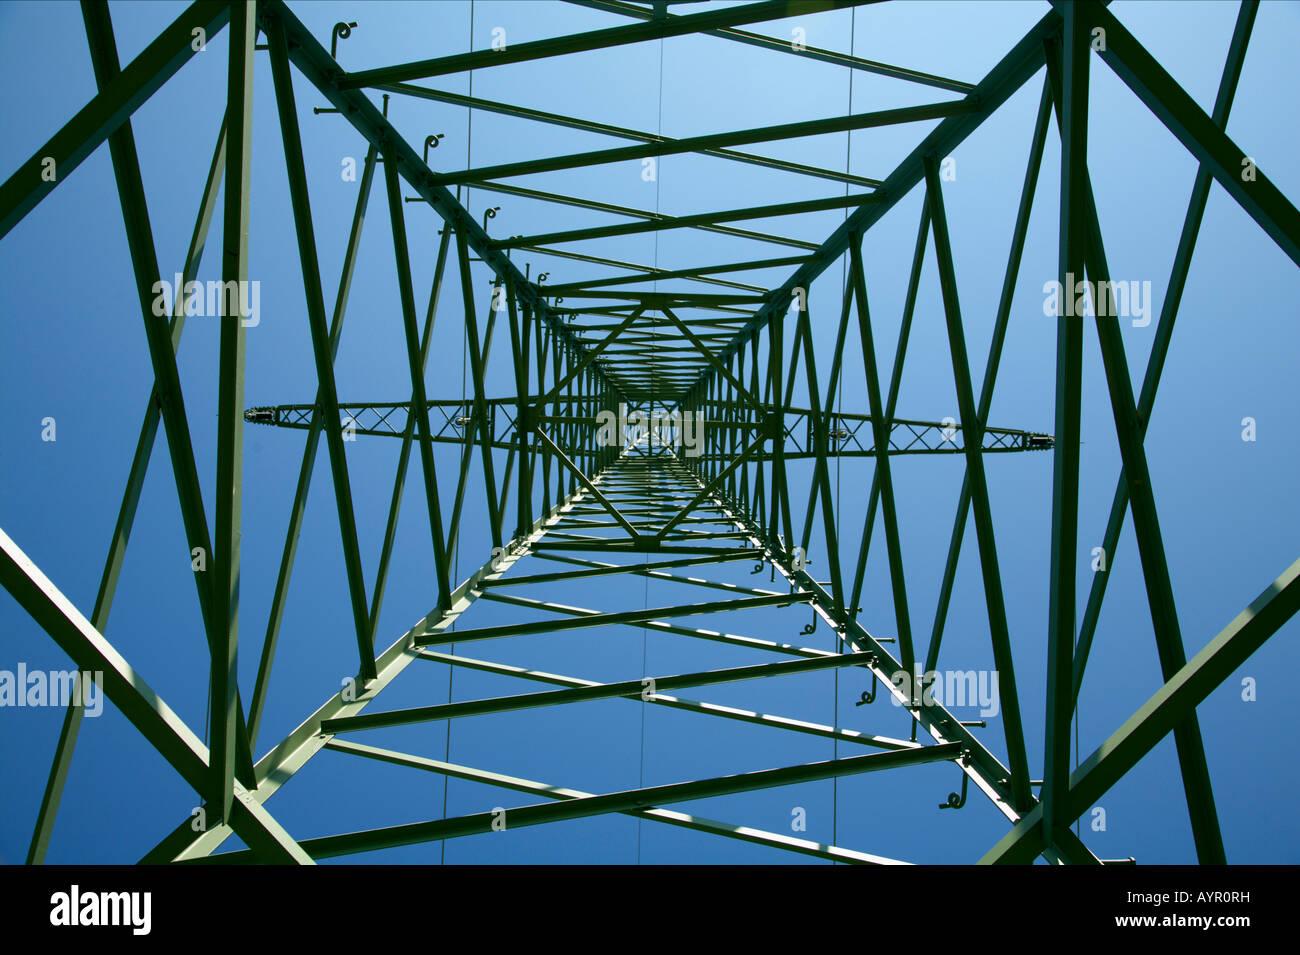 Low angle view à l'intérieur d'un tour de la ligne d'alimentation Photo Stock